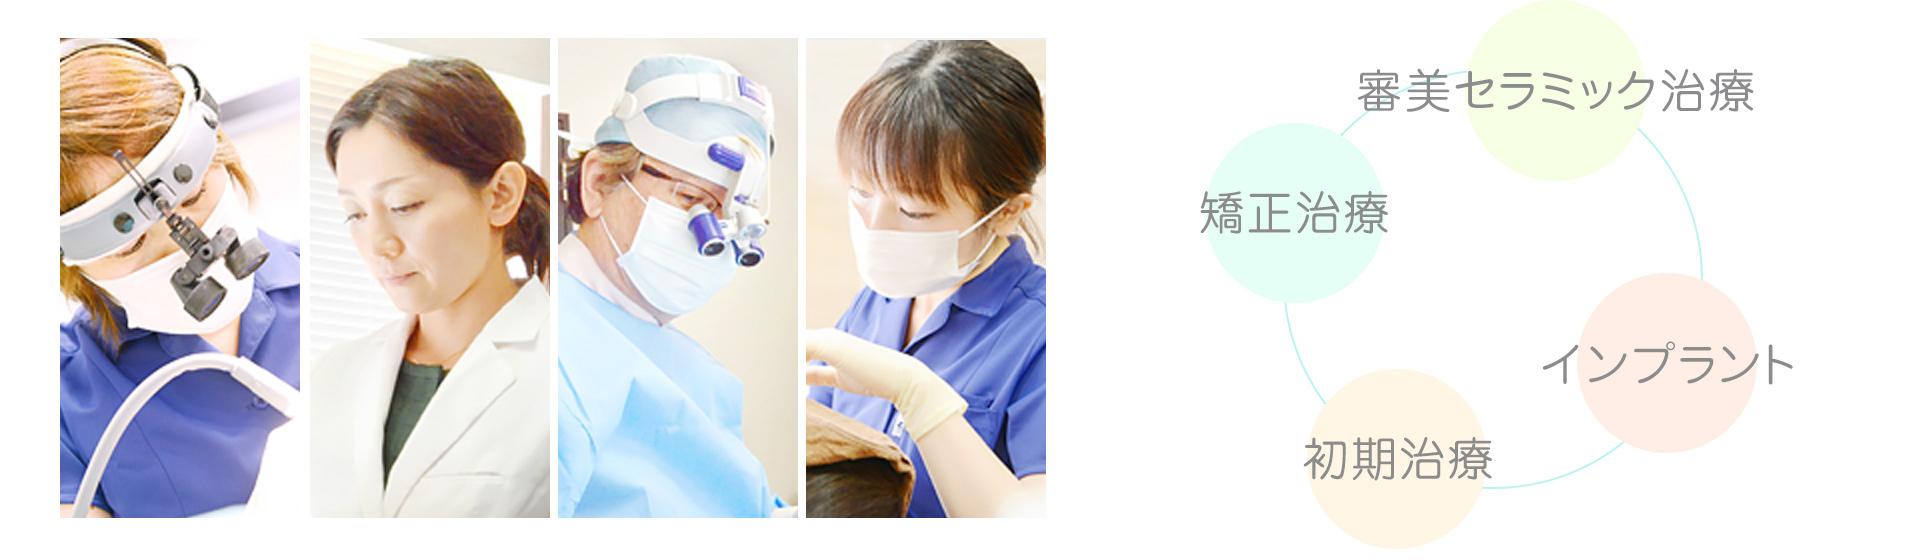 崩壊したお口でも、各分野の専門家の技術を駆使し、包括的に治療することで、あなたが理想とする口元を創造します。審美歯科 矯正歯科 インプラント 初期治療